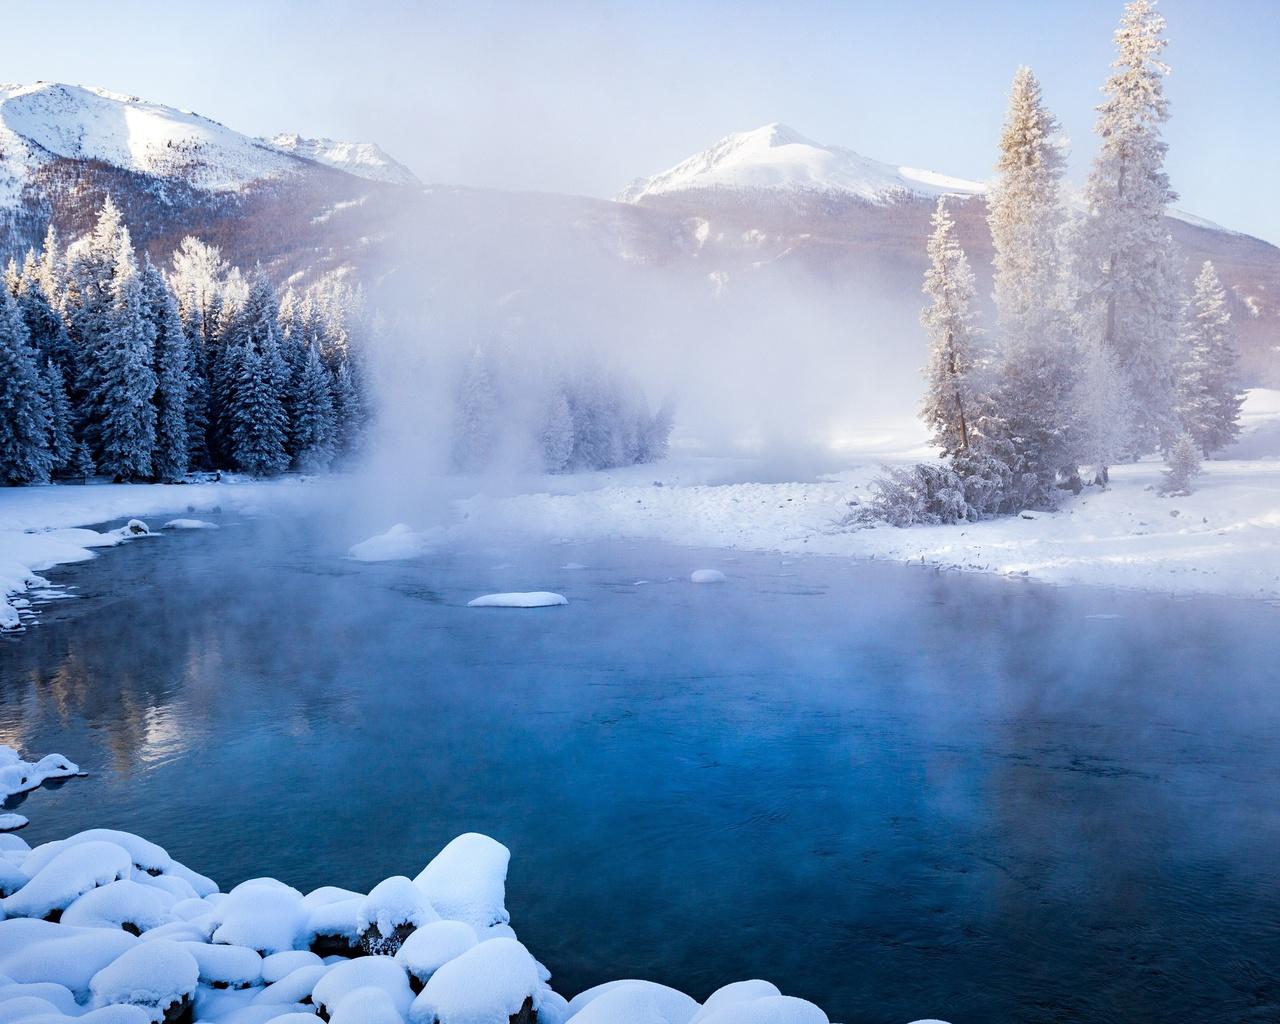 природа, пейзаж, горы, деревья, ели, лес, озеро, снег, пар, туман